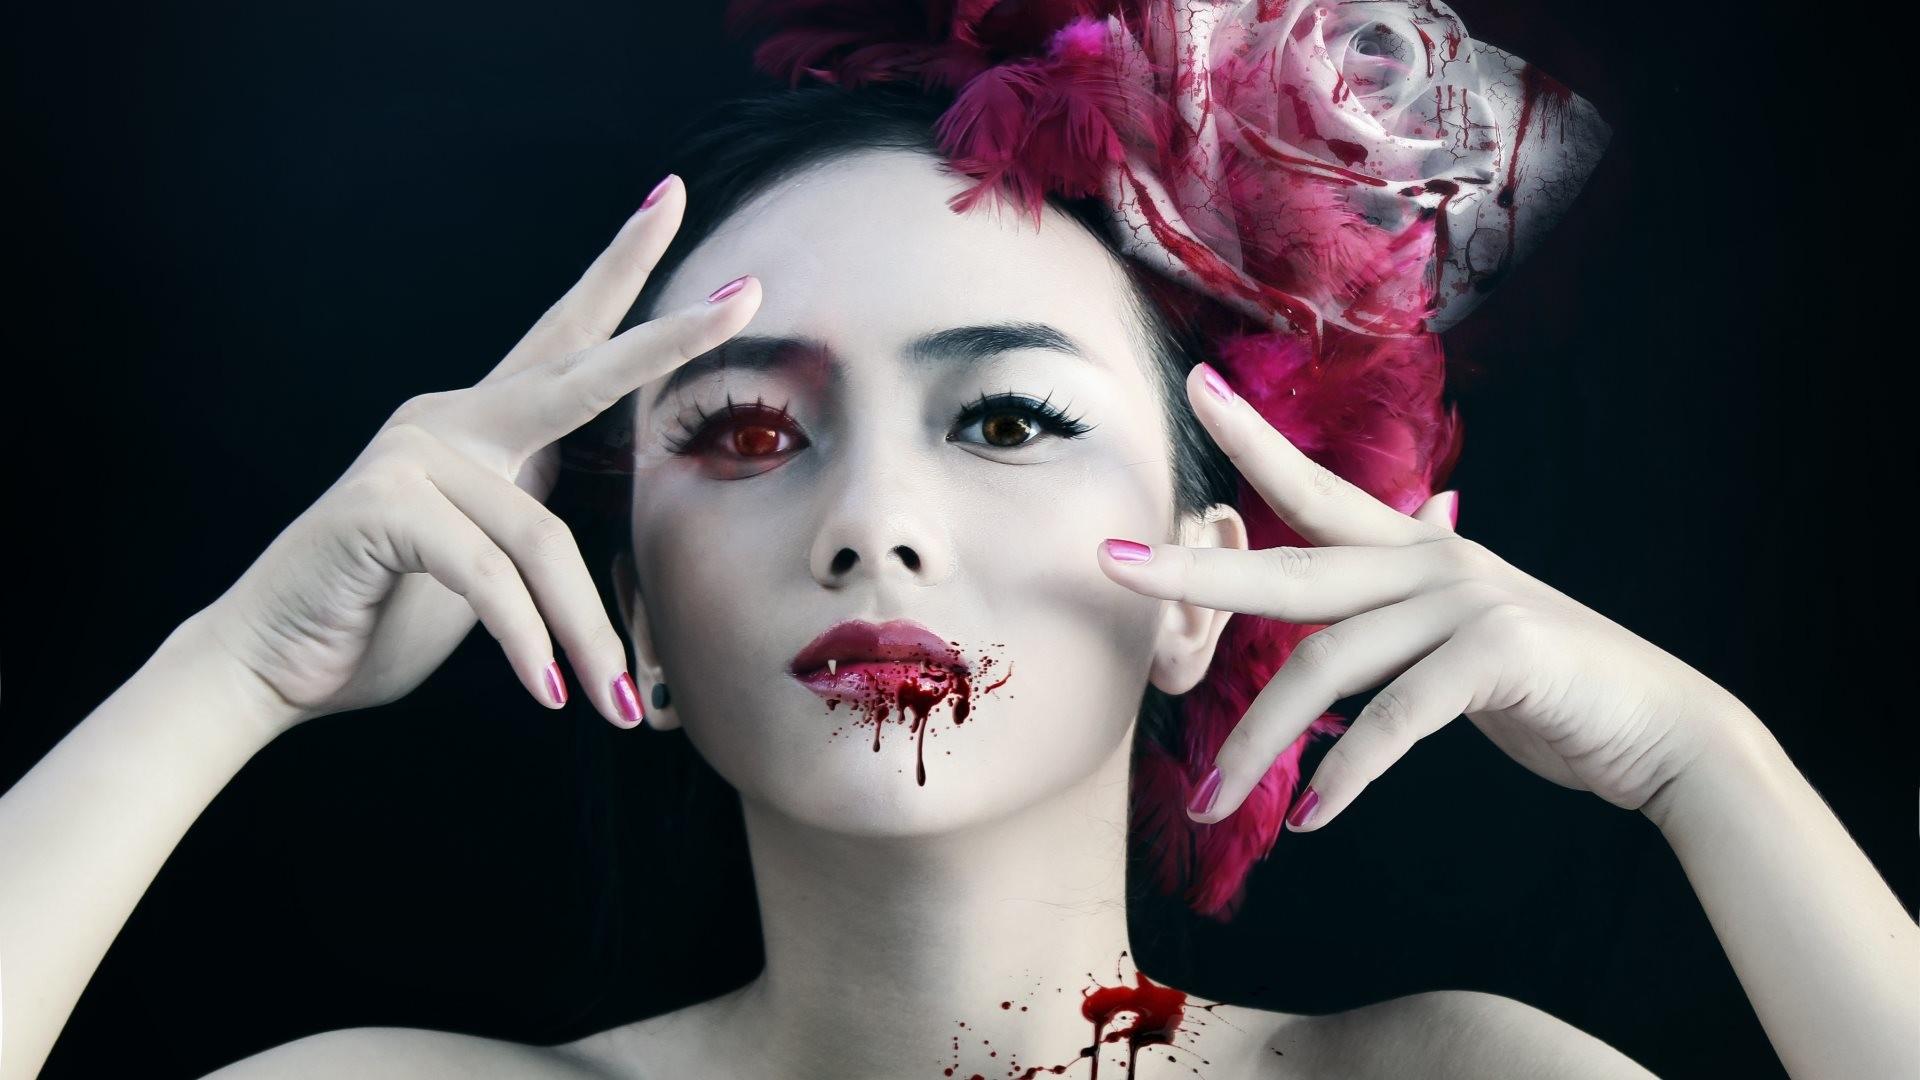 4K HD Wallpaper: Vampire Girl